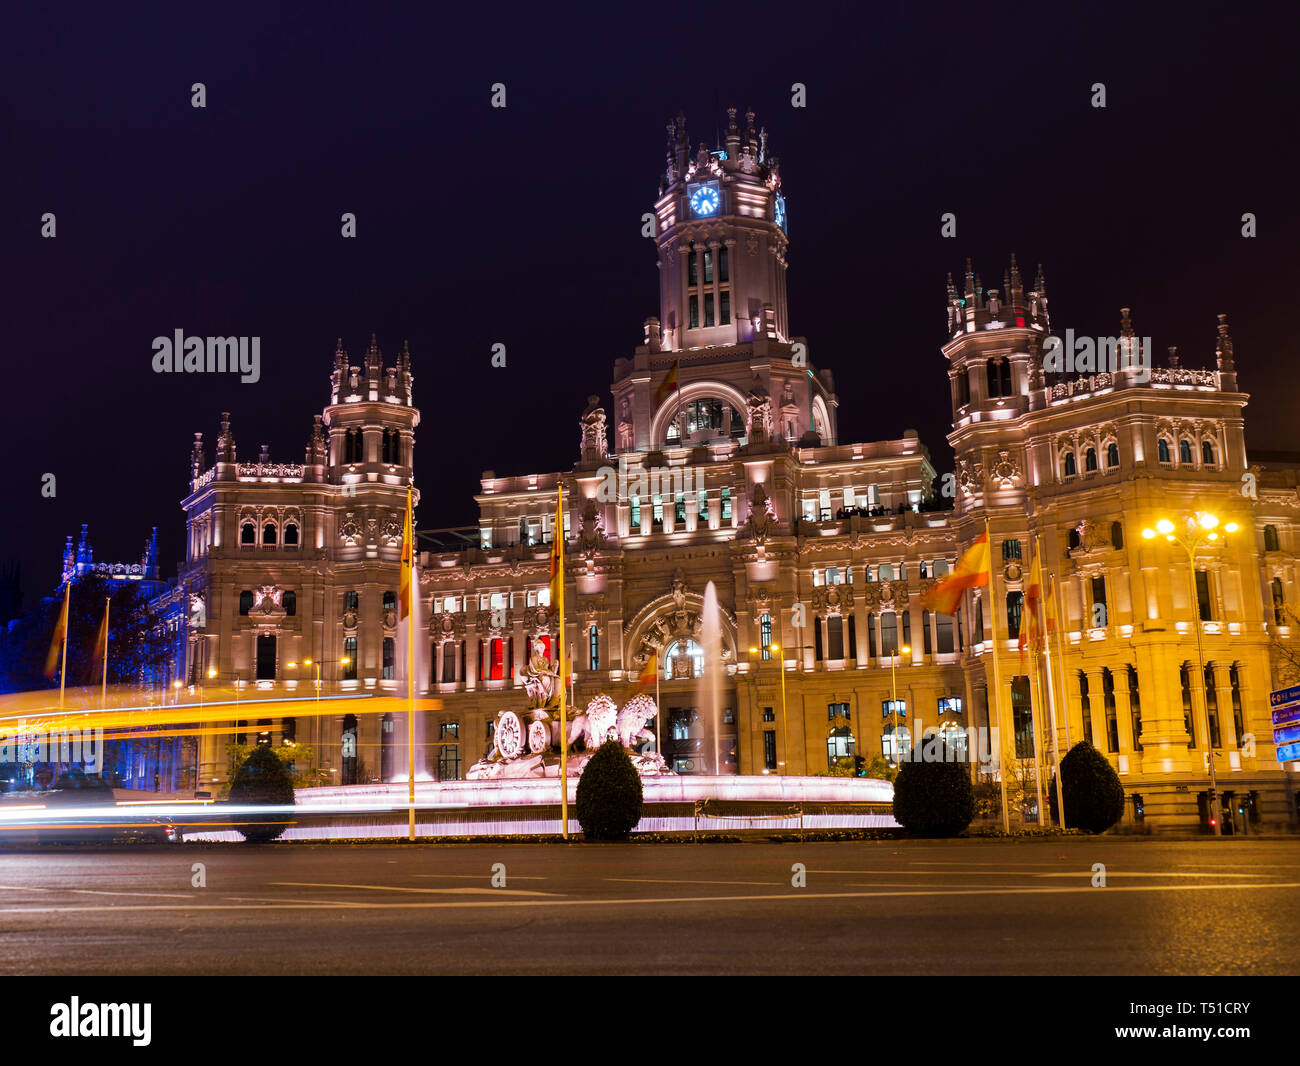 Ayuntamiento De Madrid Palacio De Las Comunicaciones